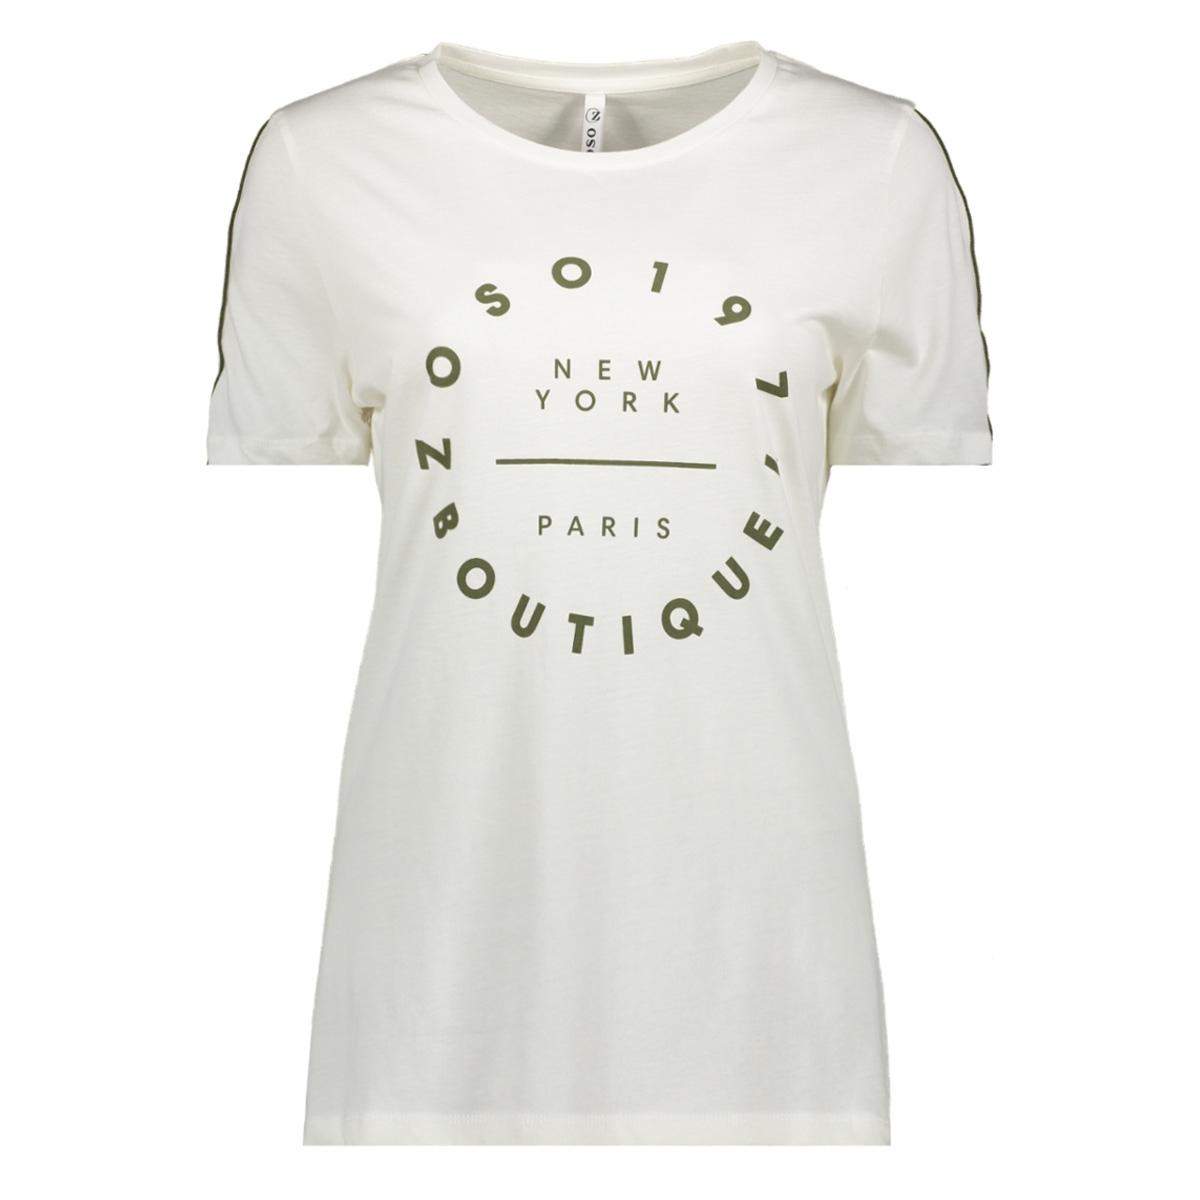 hr1932 zoso t-shirt offwhite/army